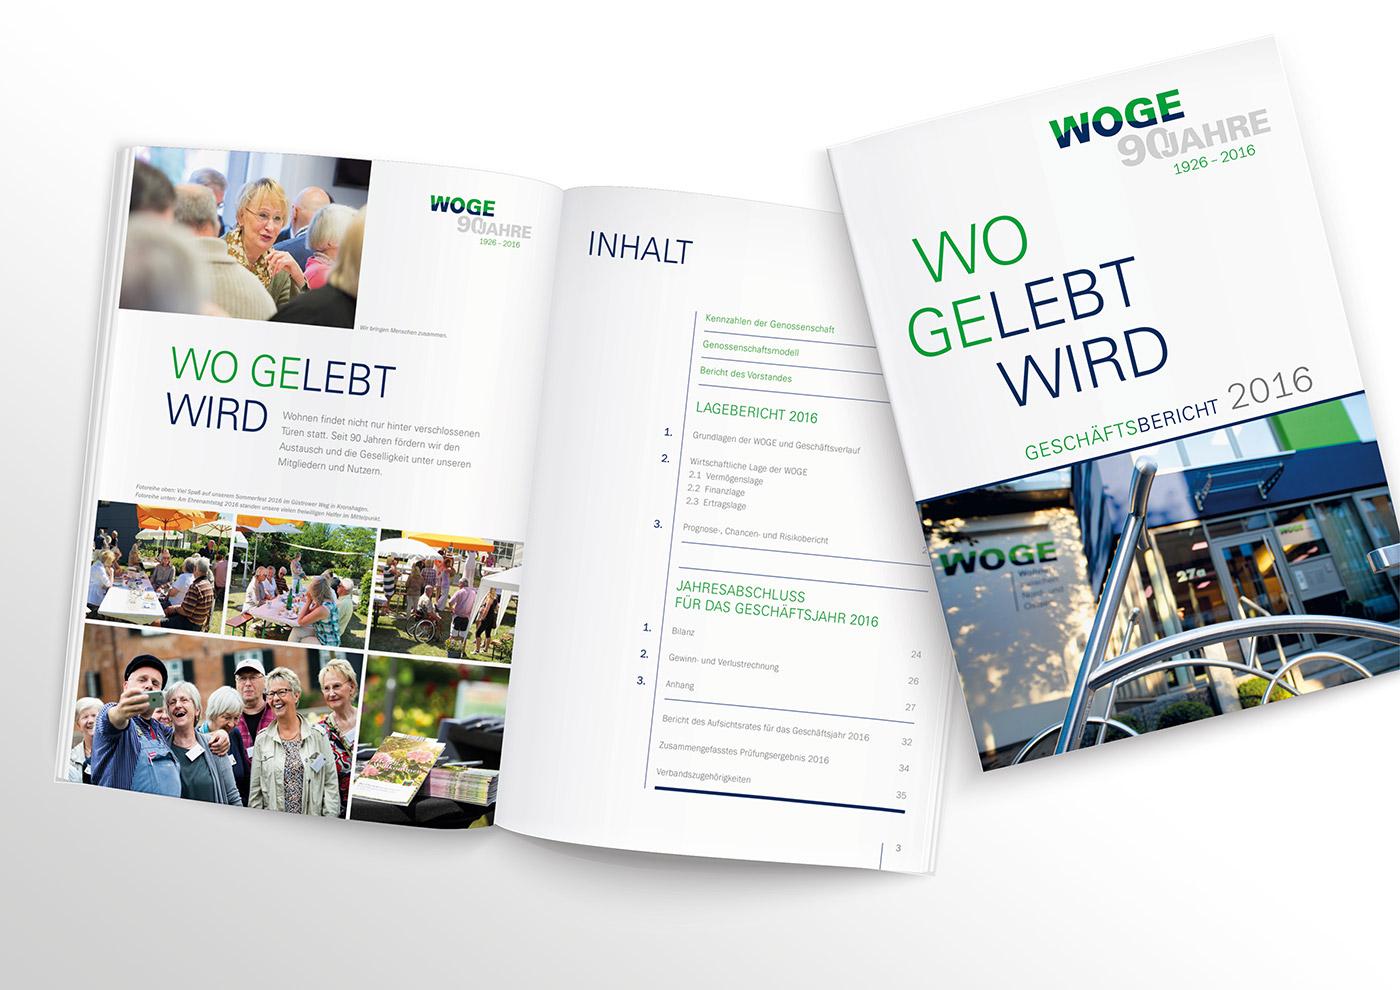 Corporate Design und Kommunikation für die WOGE Kiel: Geschäftsbericht